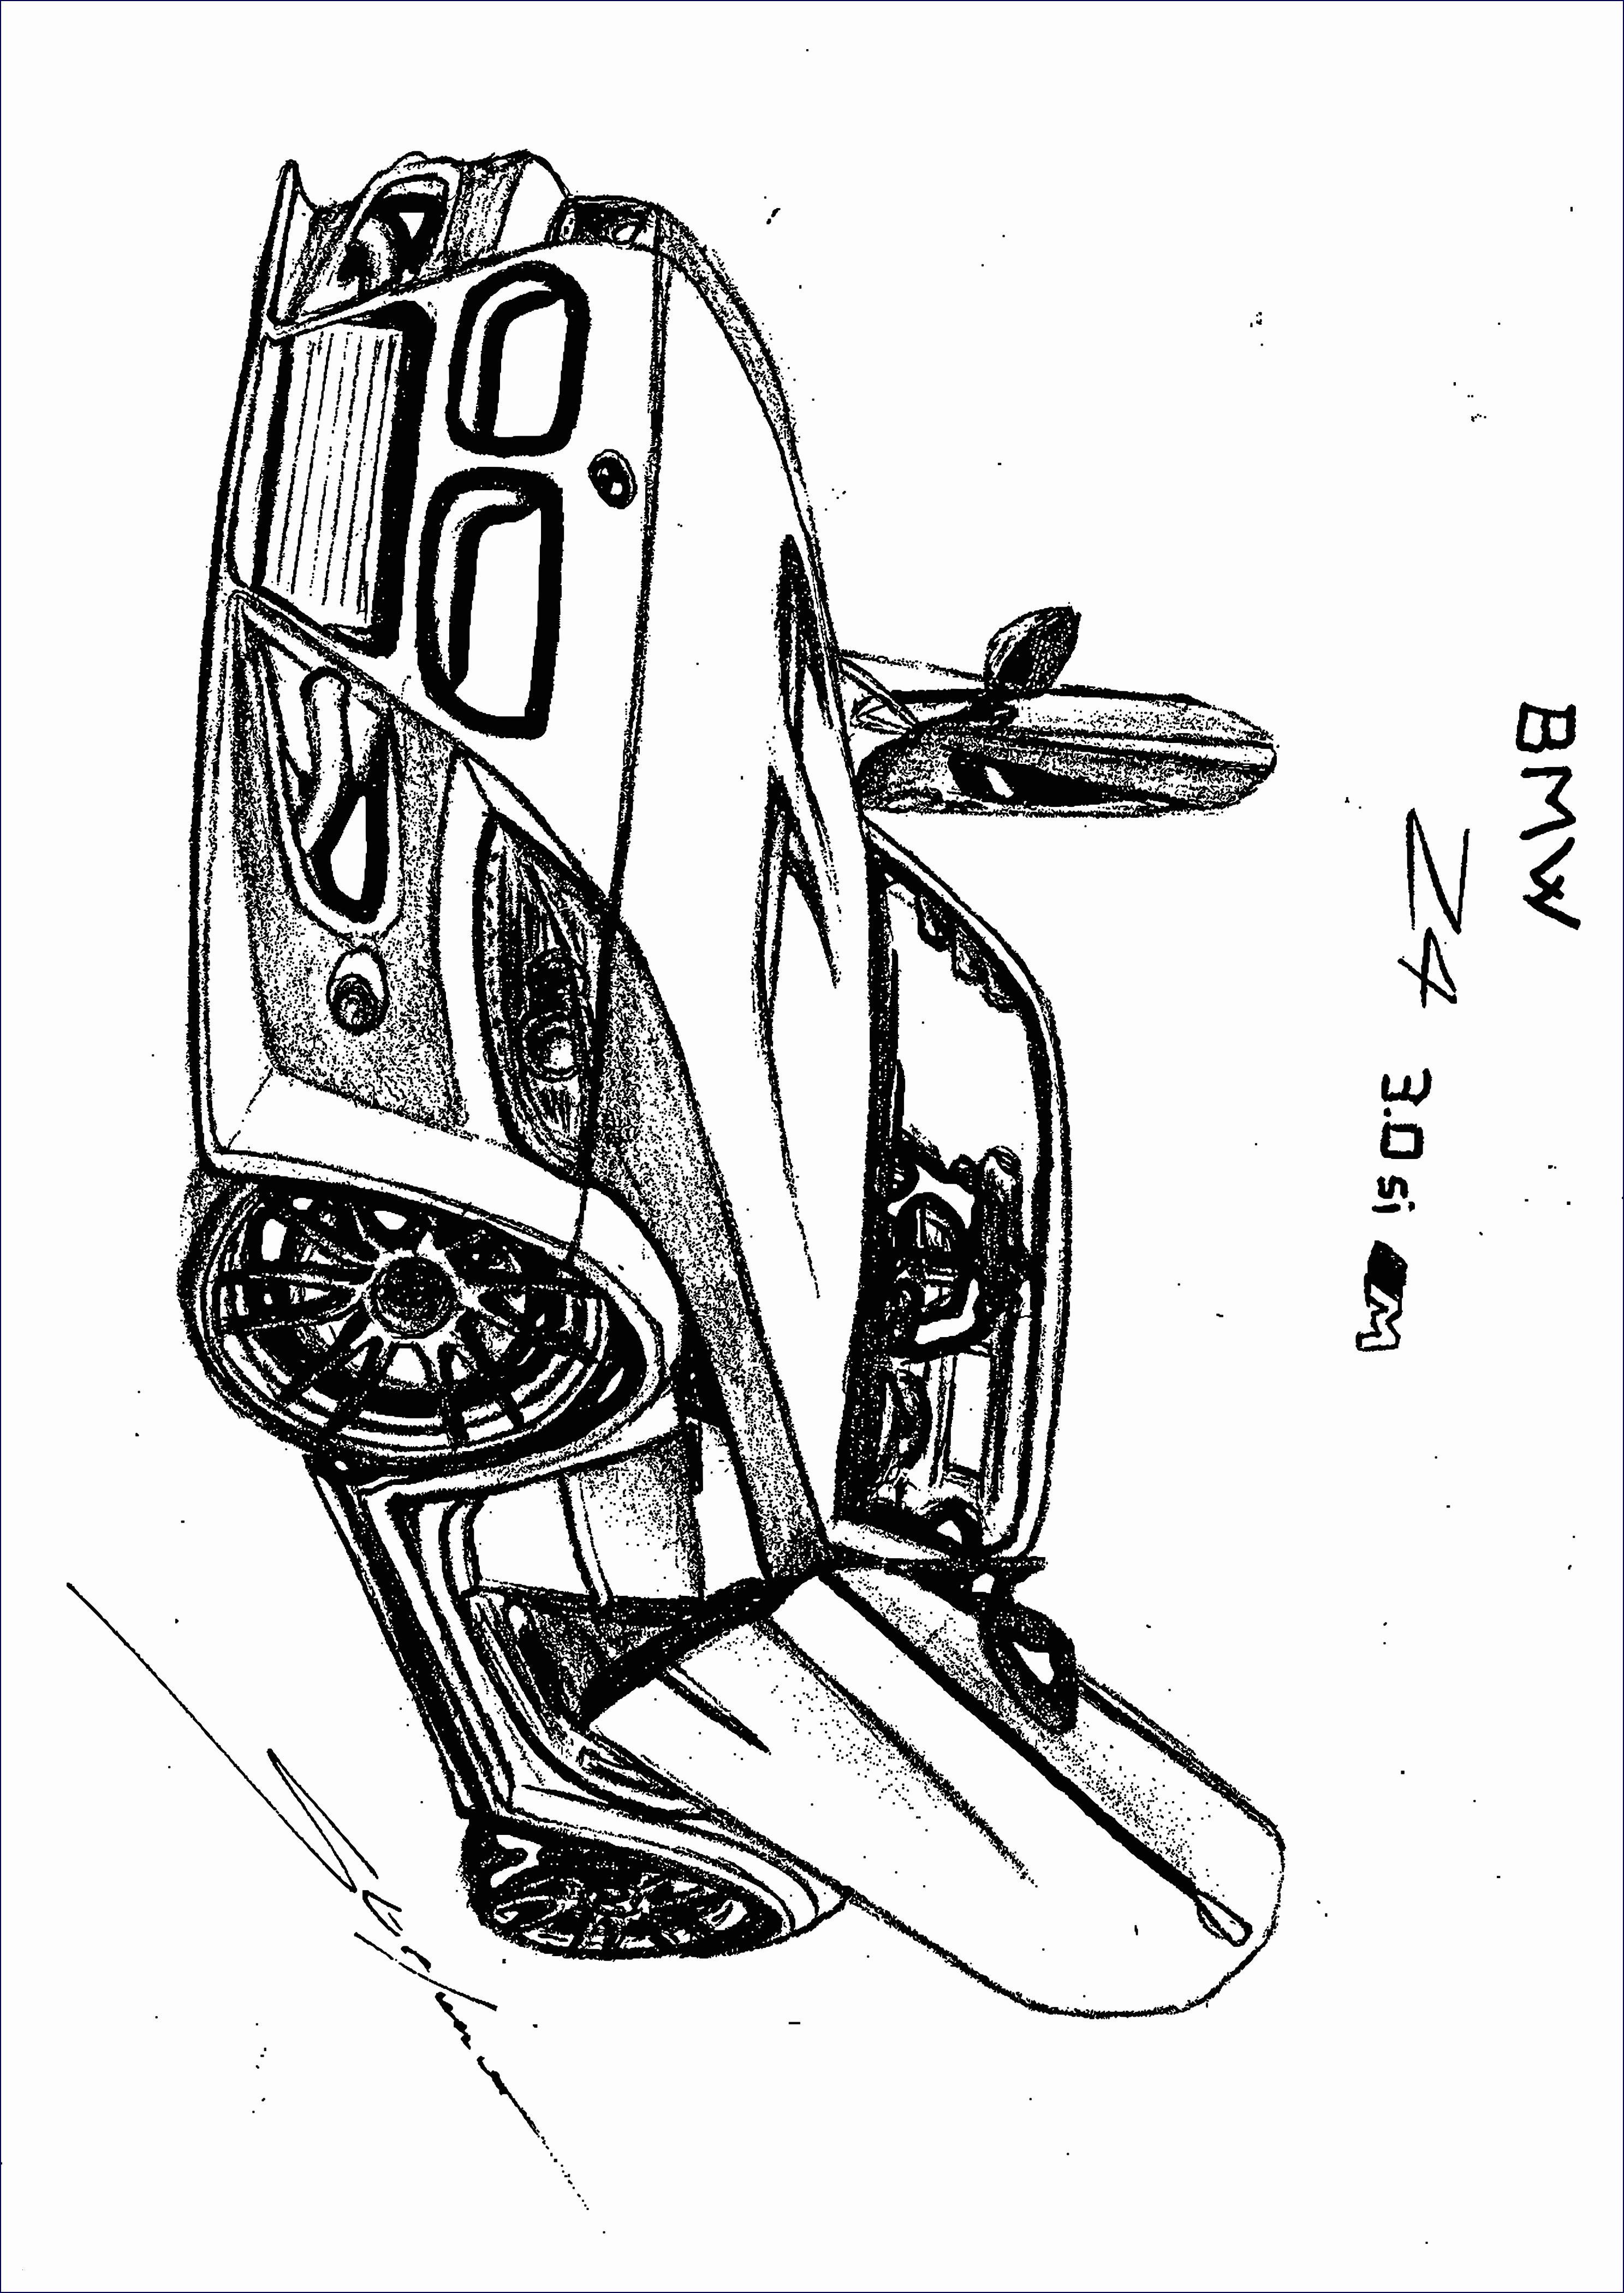 Ausmalbilder Lightning Mcqueen Inspirierend ford Mustang Ausmalbilder Luxus 1970 Bugatti Luxury Bmw X5 3 0d 2003 Galerie